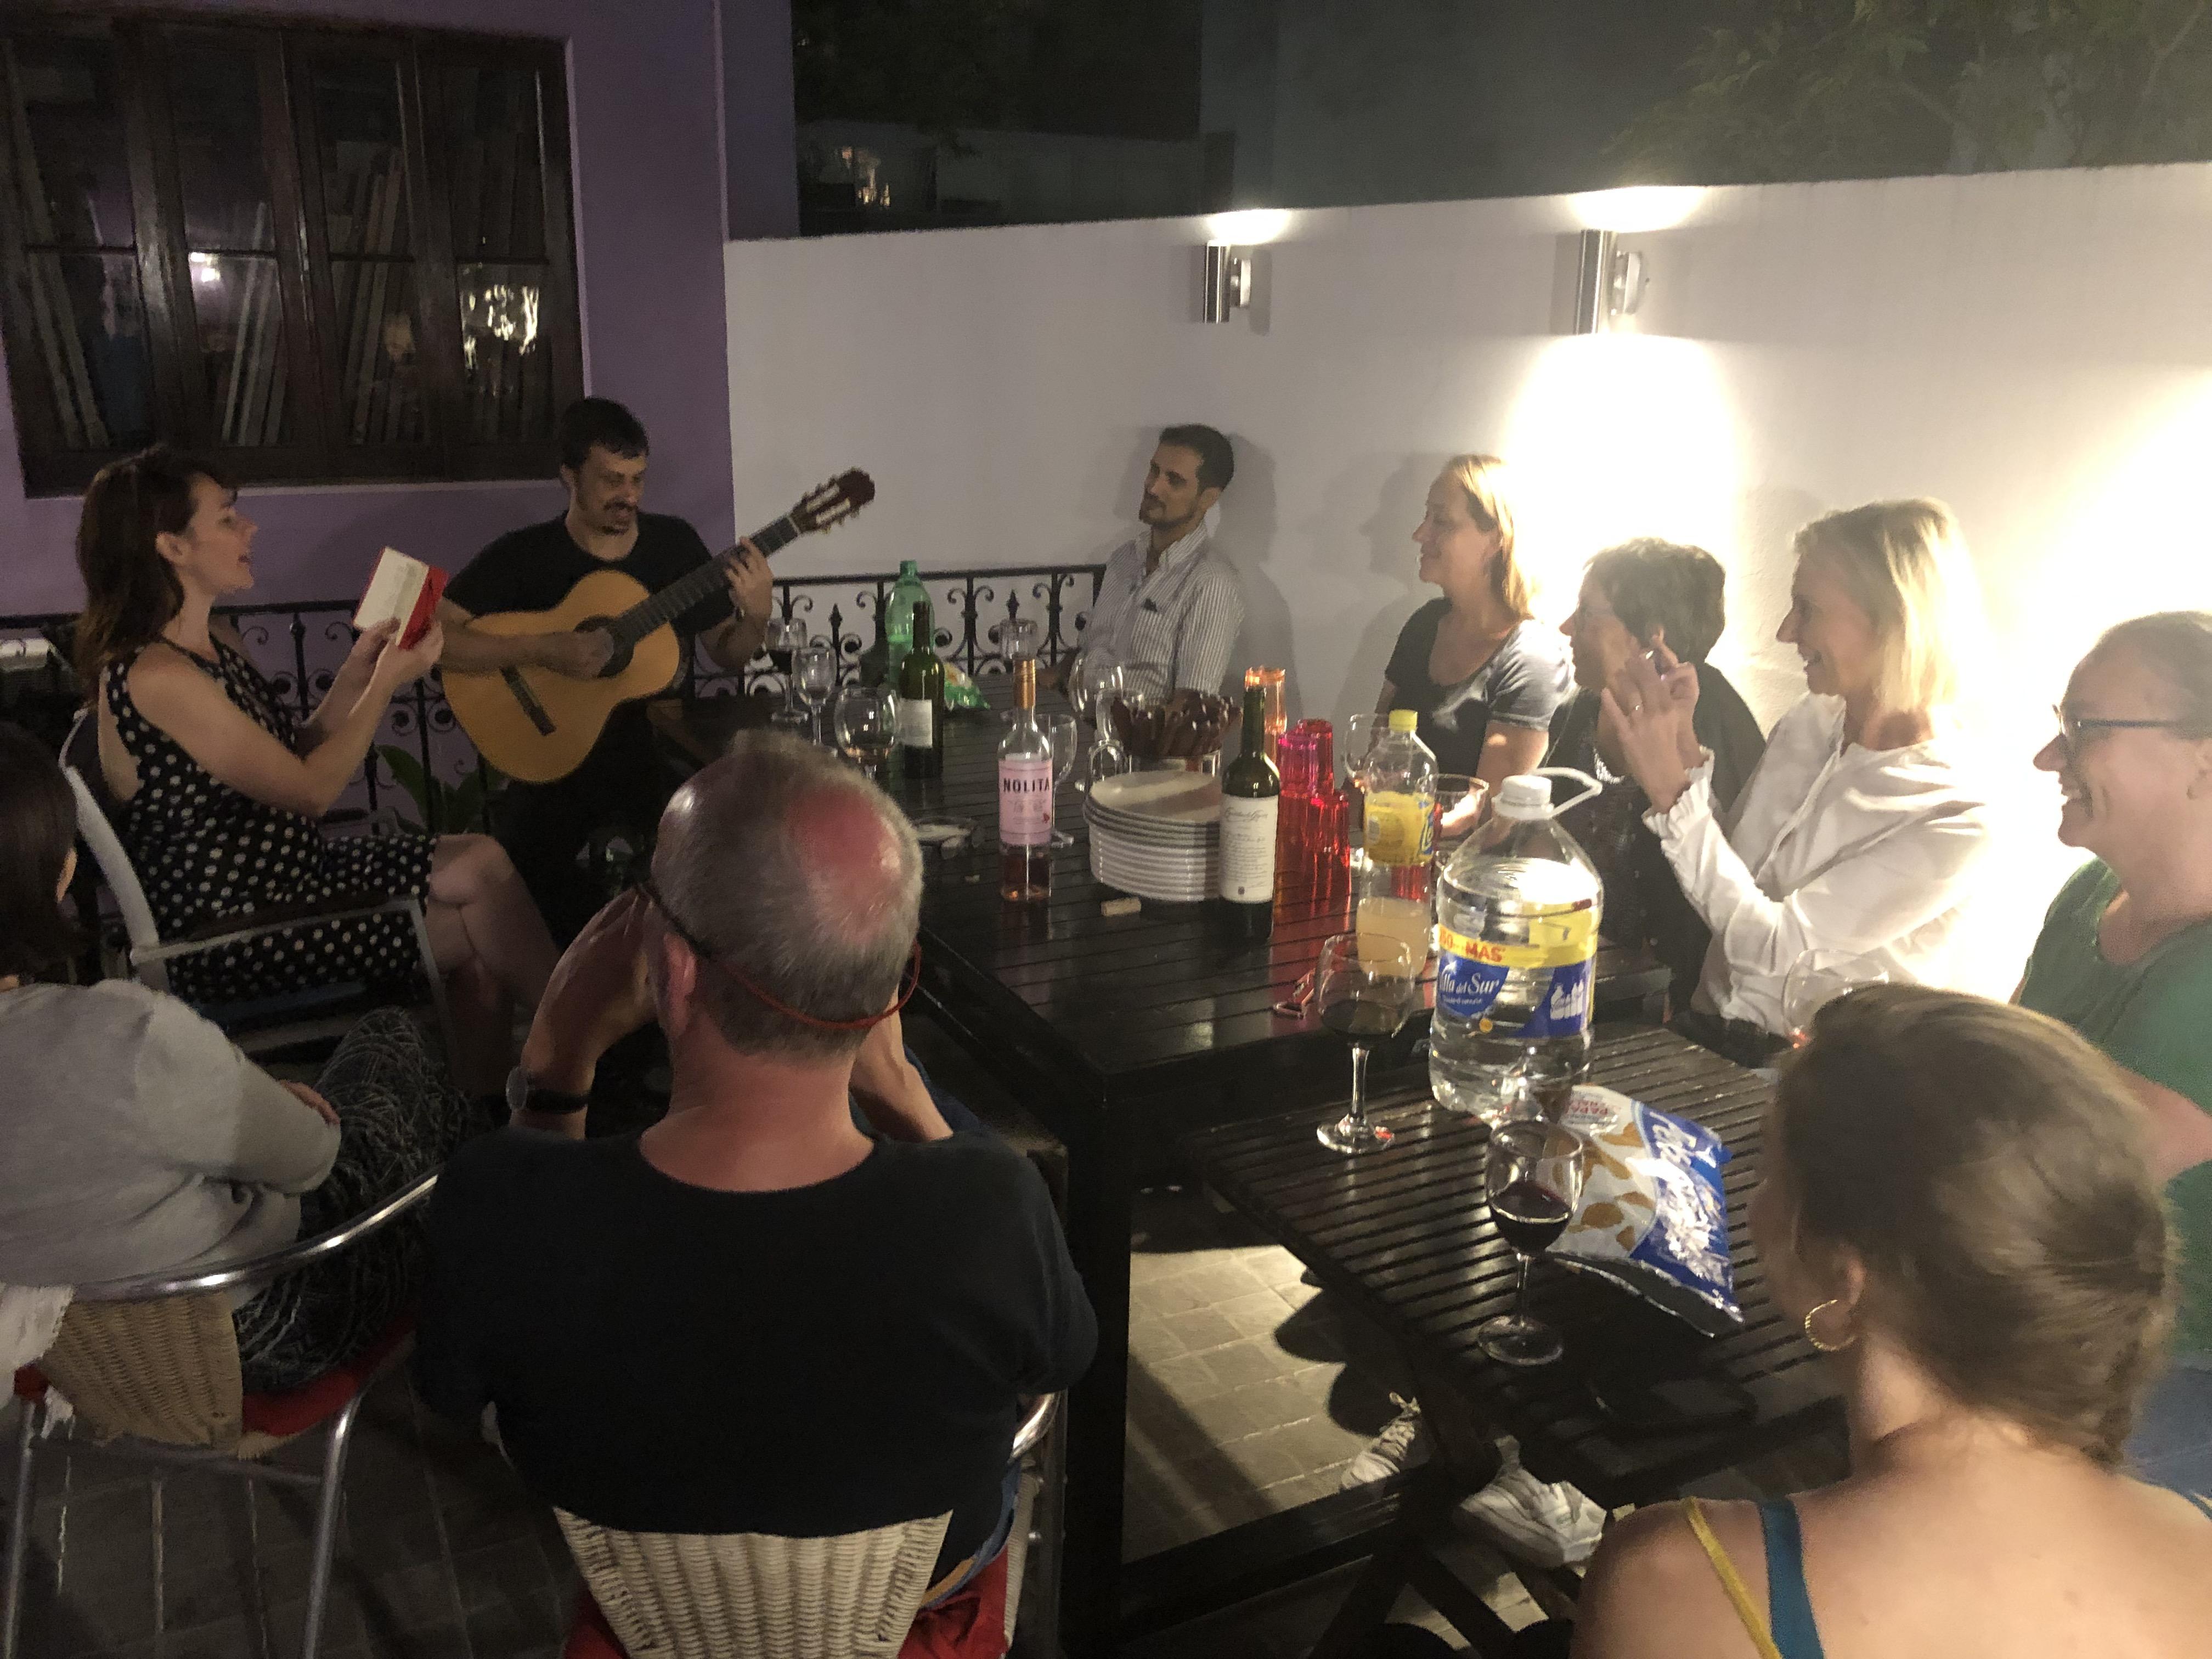 Marisol synger for os på tagterassen